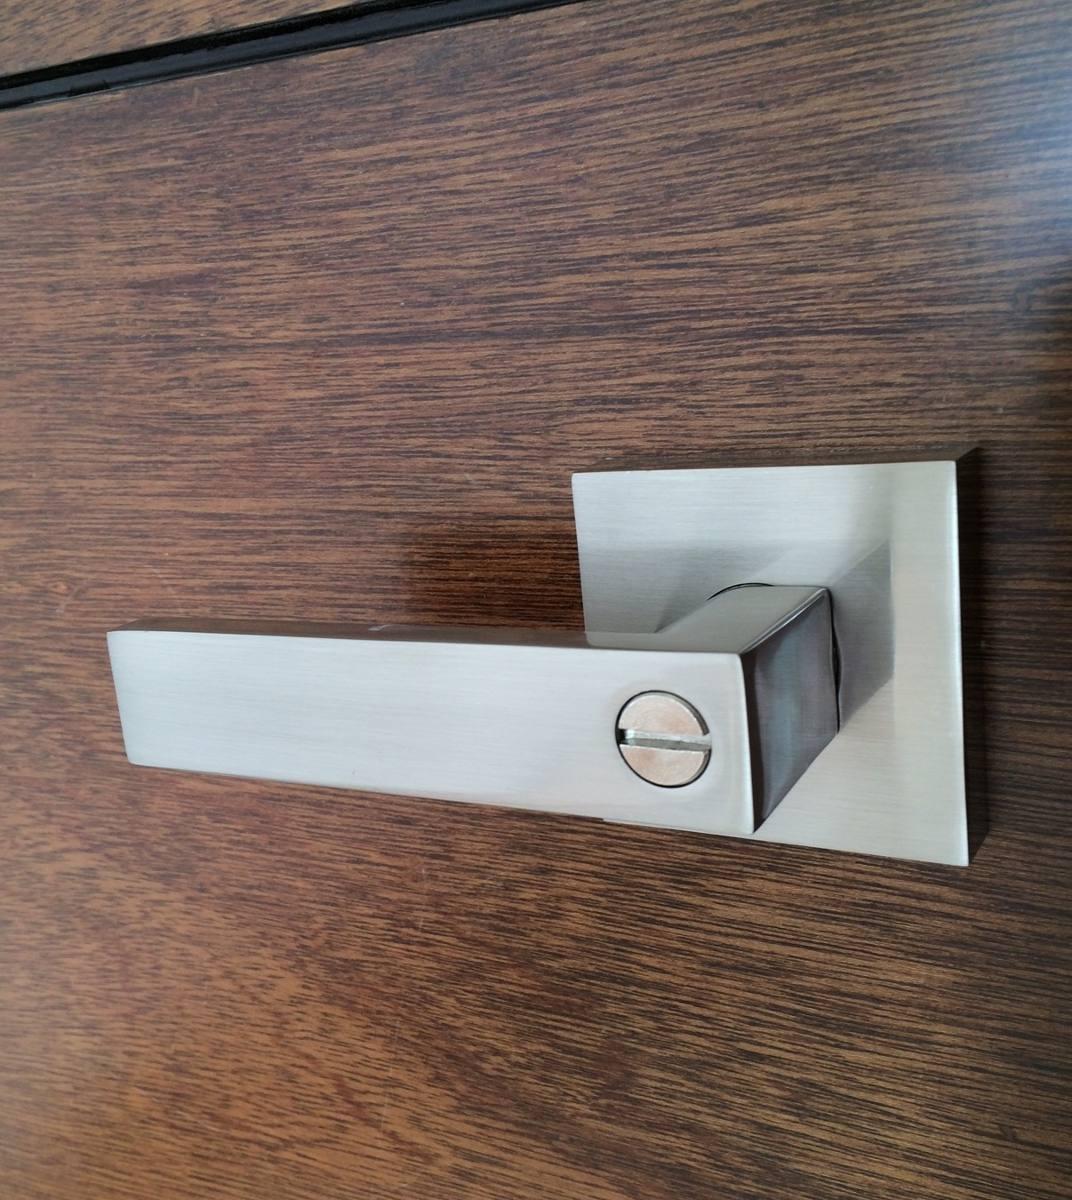 Manija chapa para puerta de recamara y ba o muy resistentes en mercado libre - Cerraduras para puertas de madera precios ...